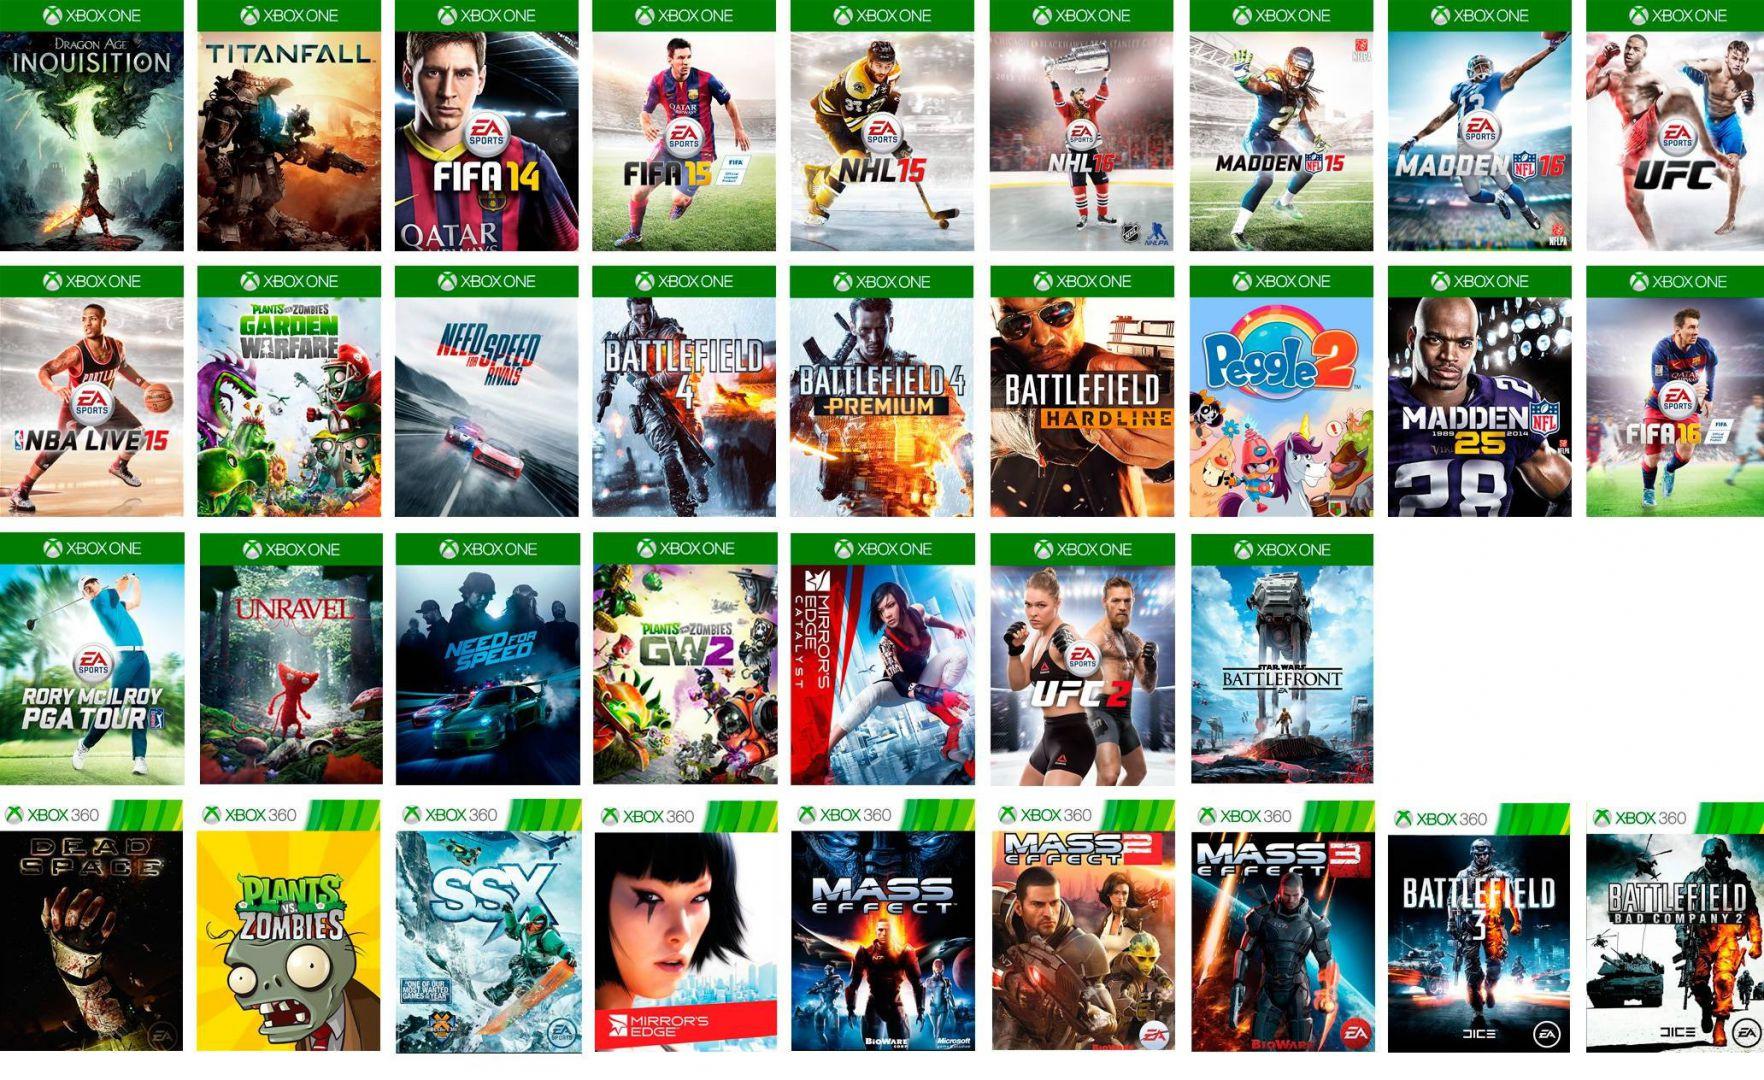 ¿Qué ofrece Xbox One por solo 11 euros al mes? - Por 11 euros al mes puedes estar nutrido de juegos todo un año y más. ¿Quieres saber como?